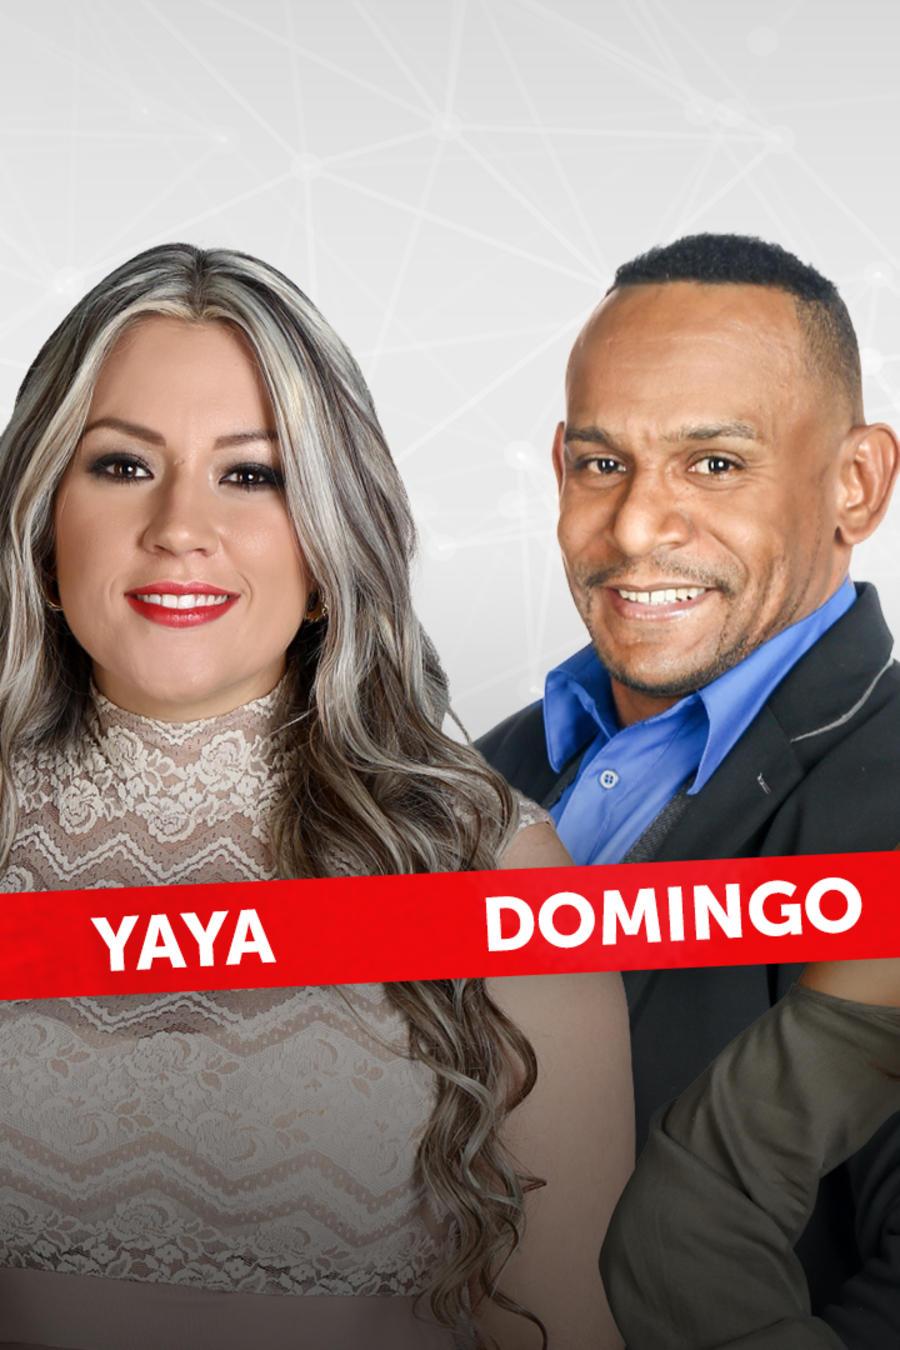 Yaya, Domingo y Catalina como nominados de la tercera semana de Gran Hermano